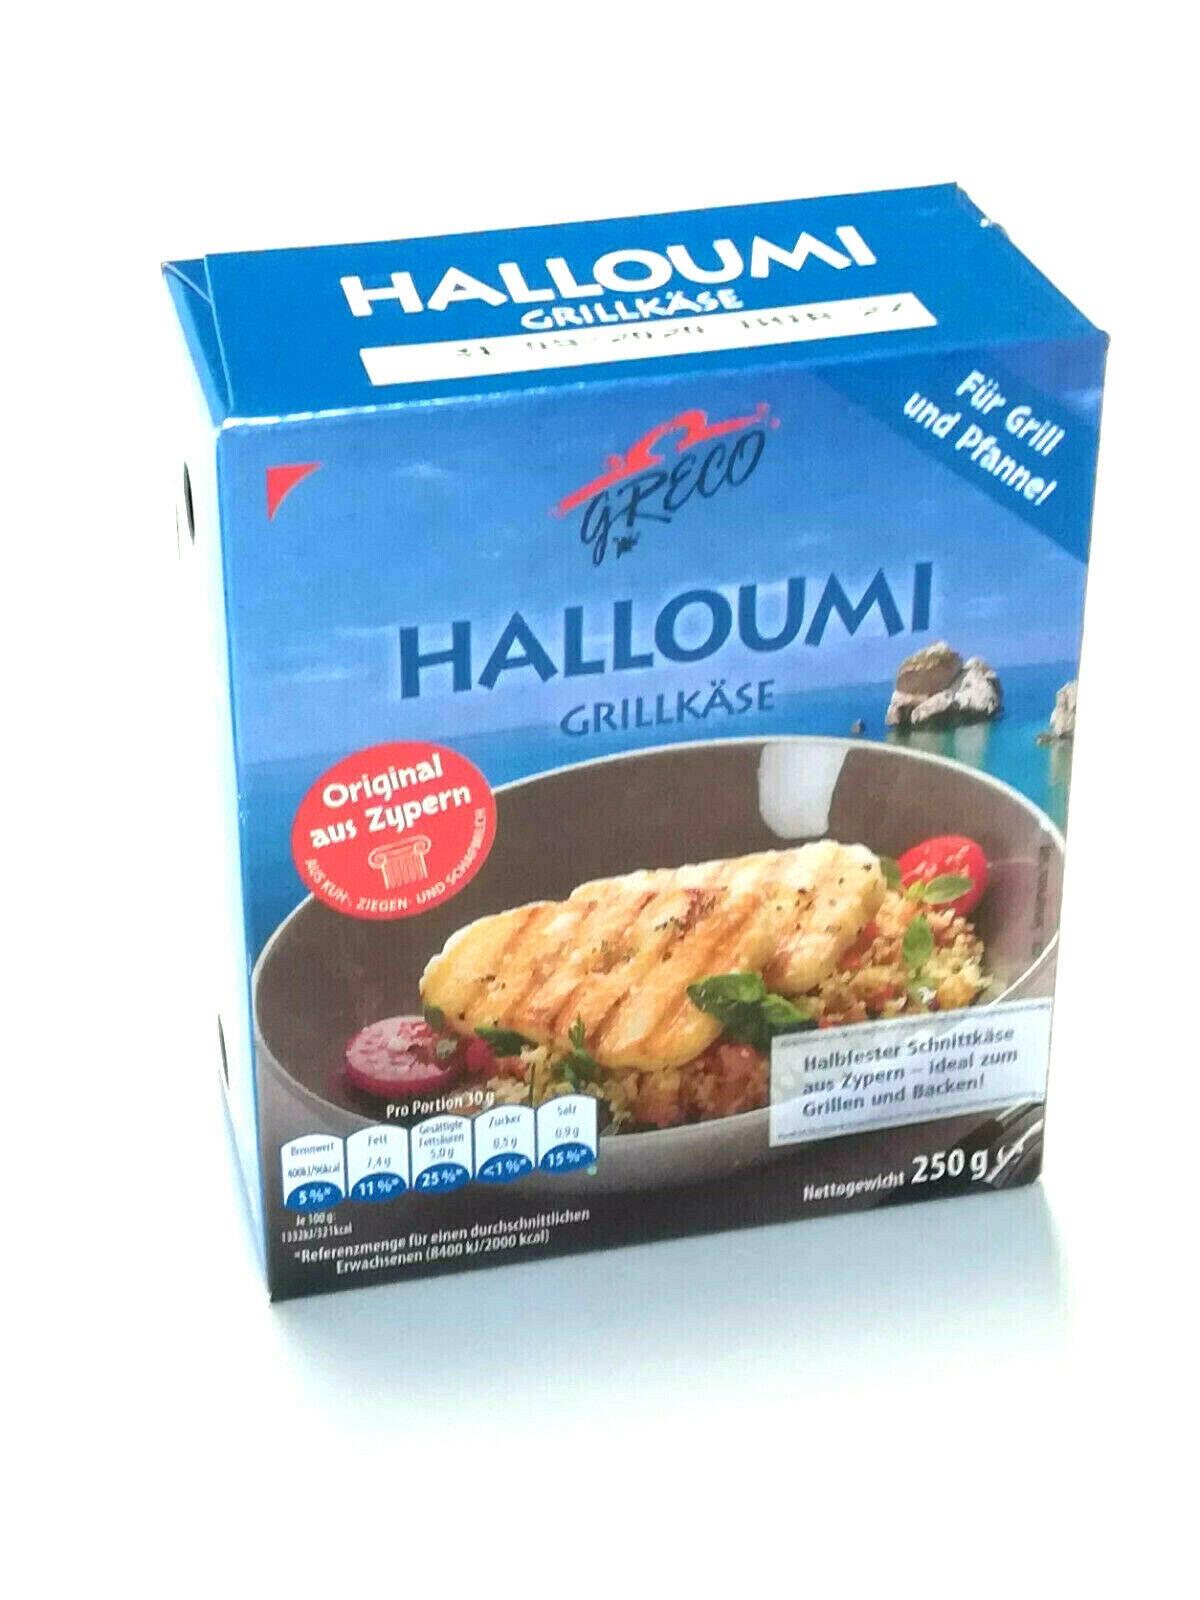 250g Halloumi Grillkäse Kuh Ziegen und Schafsmilch Zypern